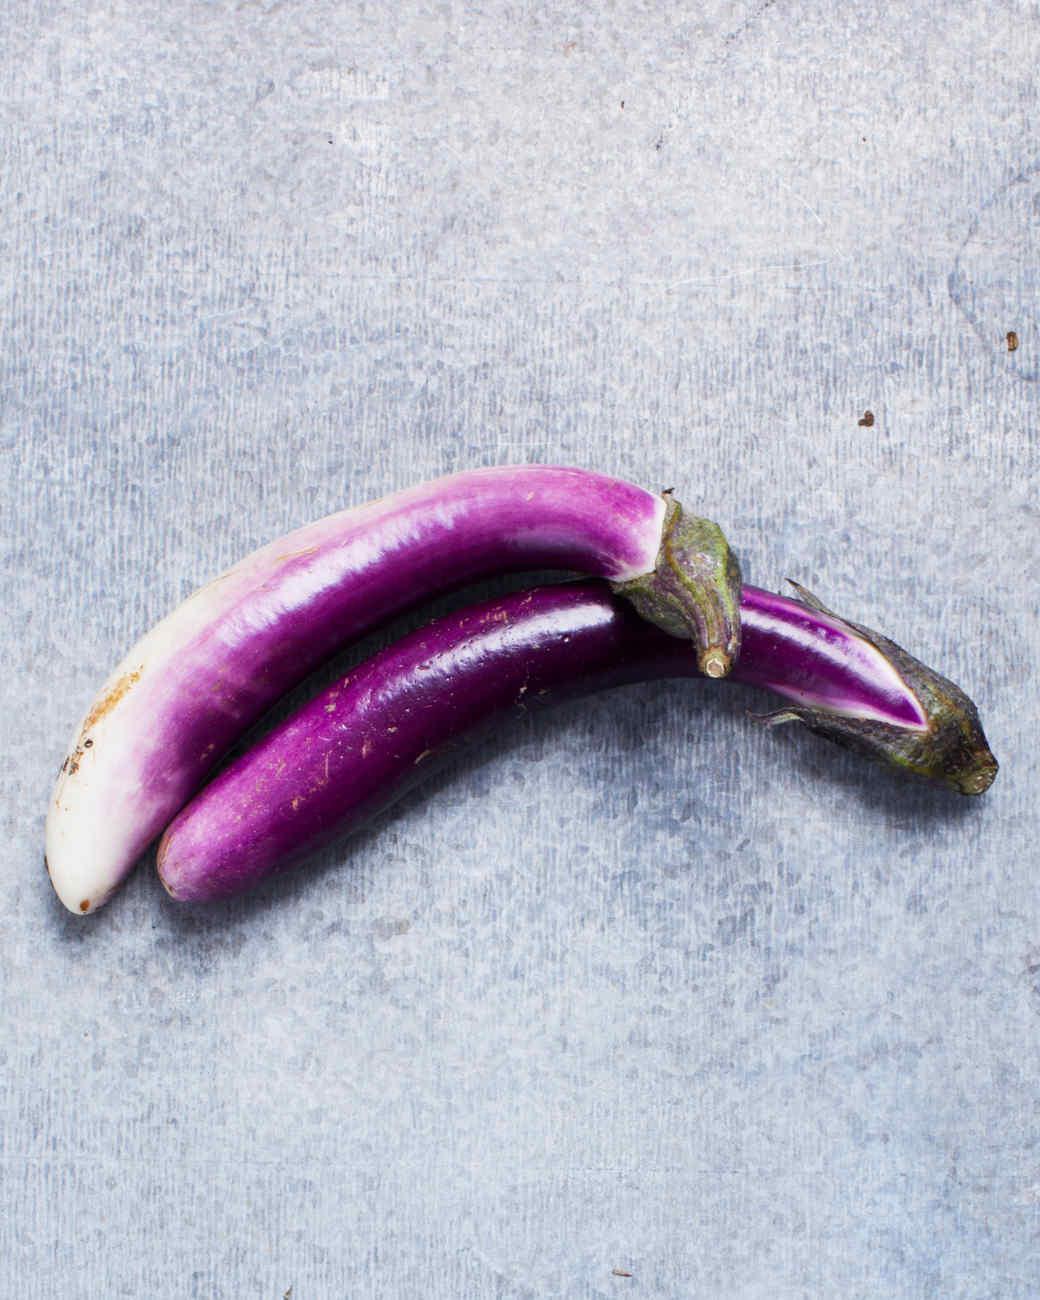 eggplant-glossary-114-d110486-0515.jpg